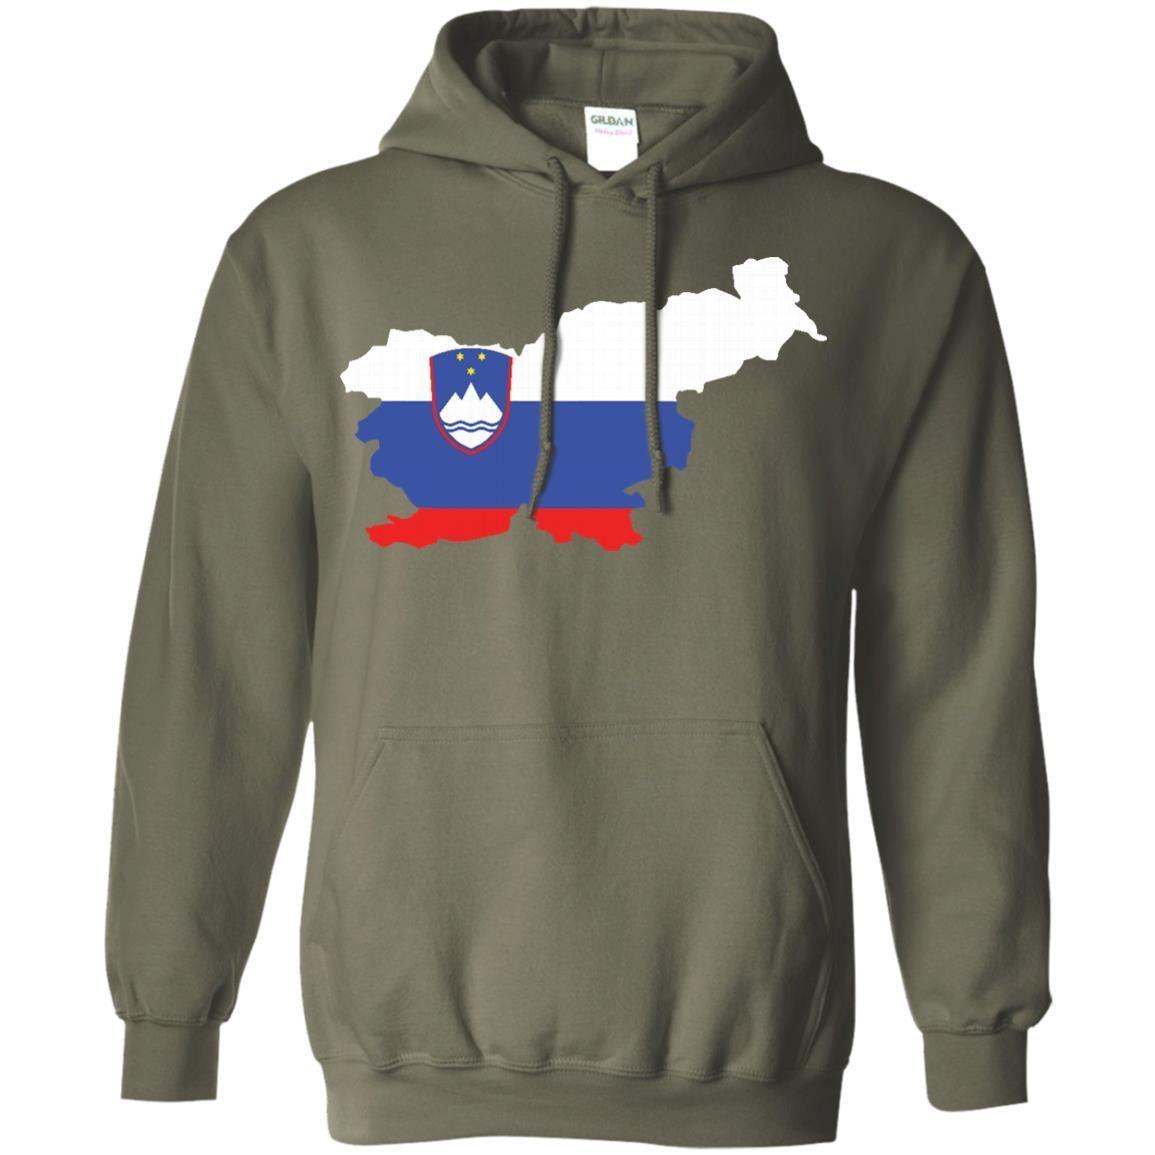 6d3299347a2e Gildan Hooded Sweatshirt Walmart - Joe Maloy